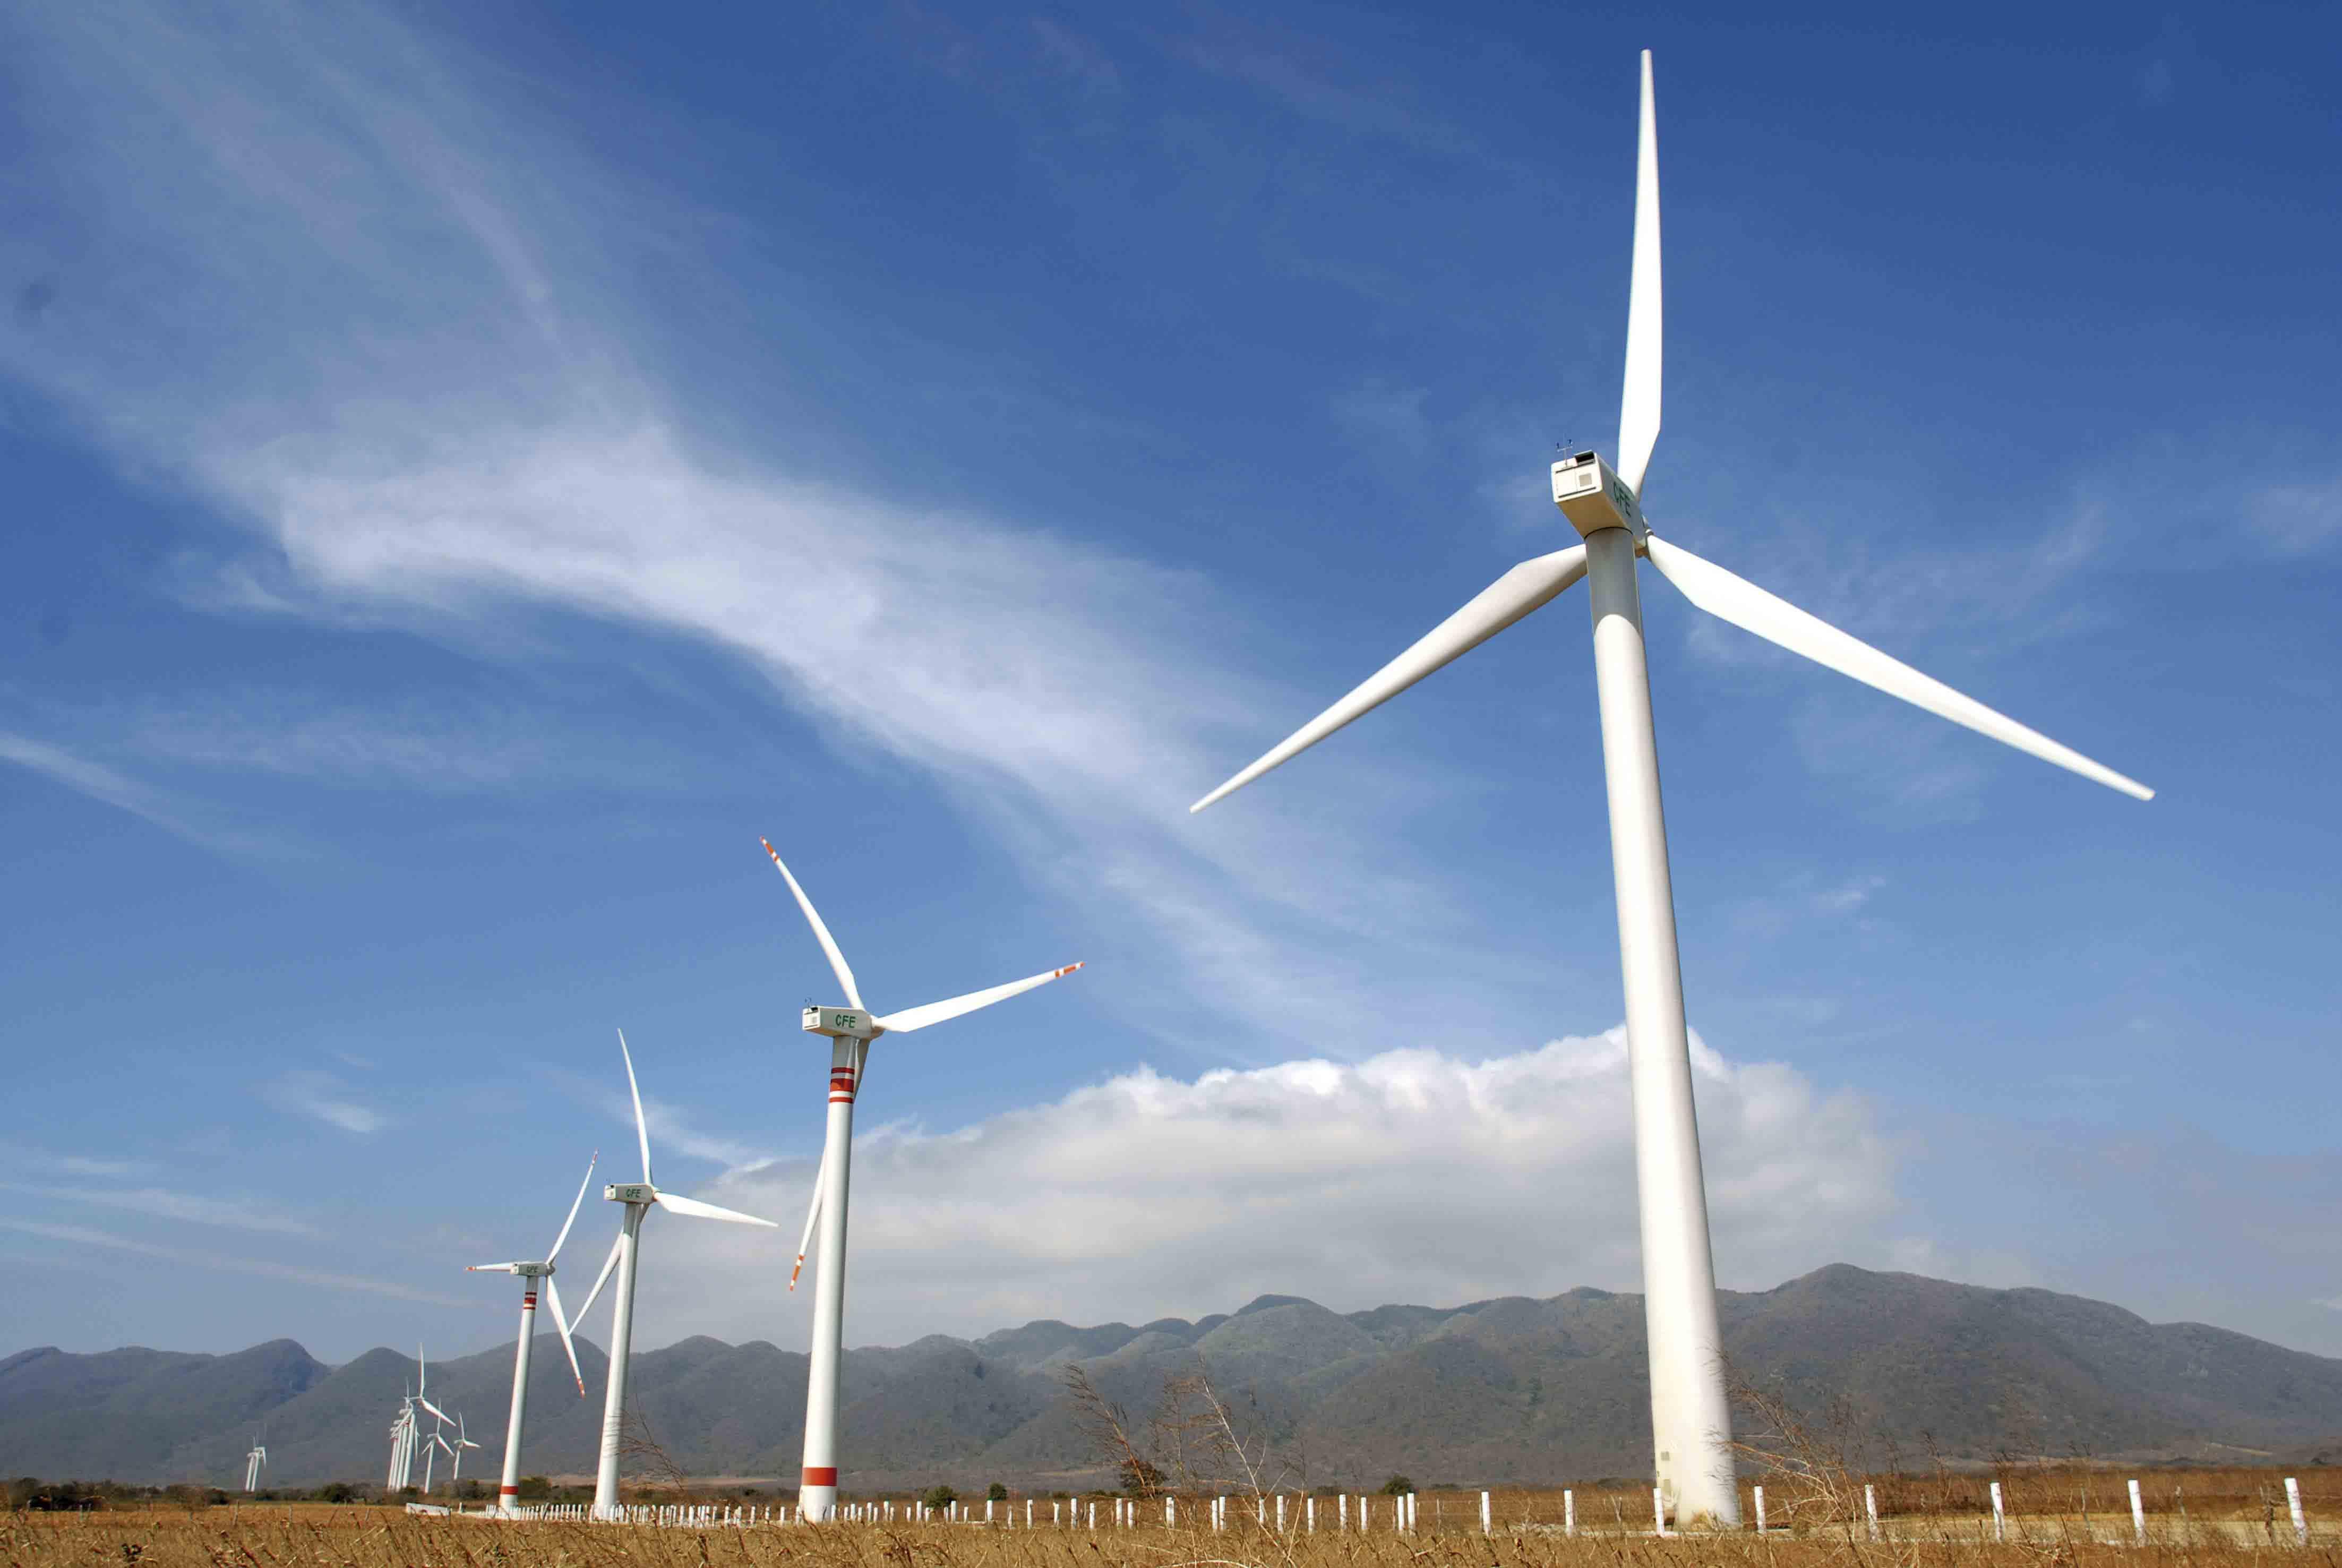 La infraestructura eólica creció 300 % en el país, según indicó el Secretario de Energía. (Foto: Secretaría de Energía)